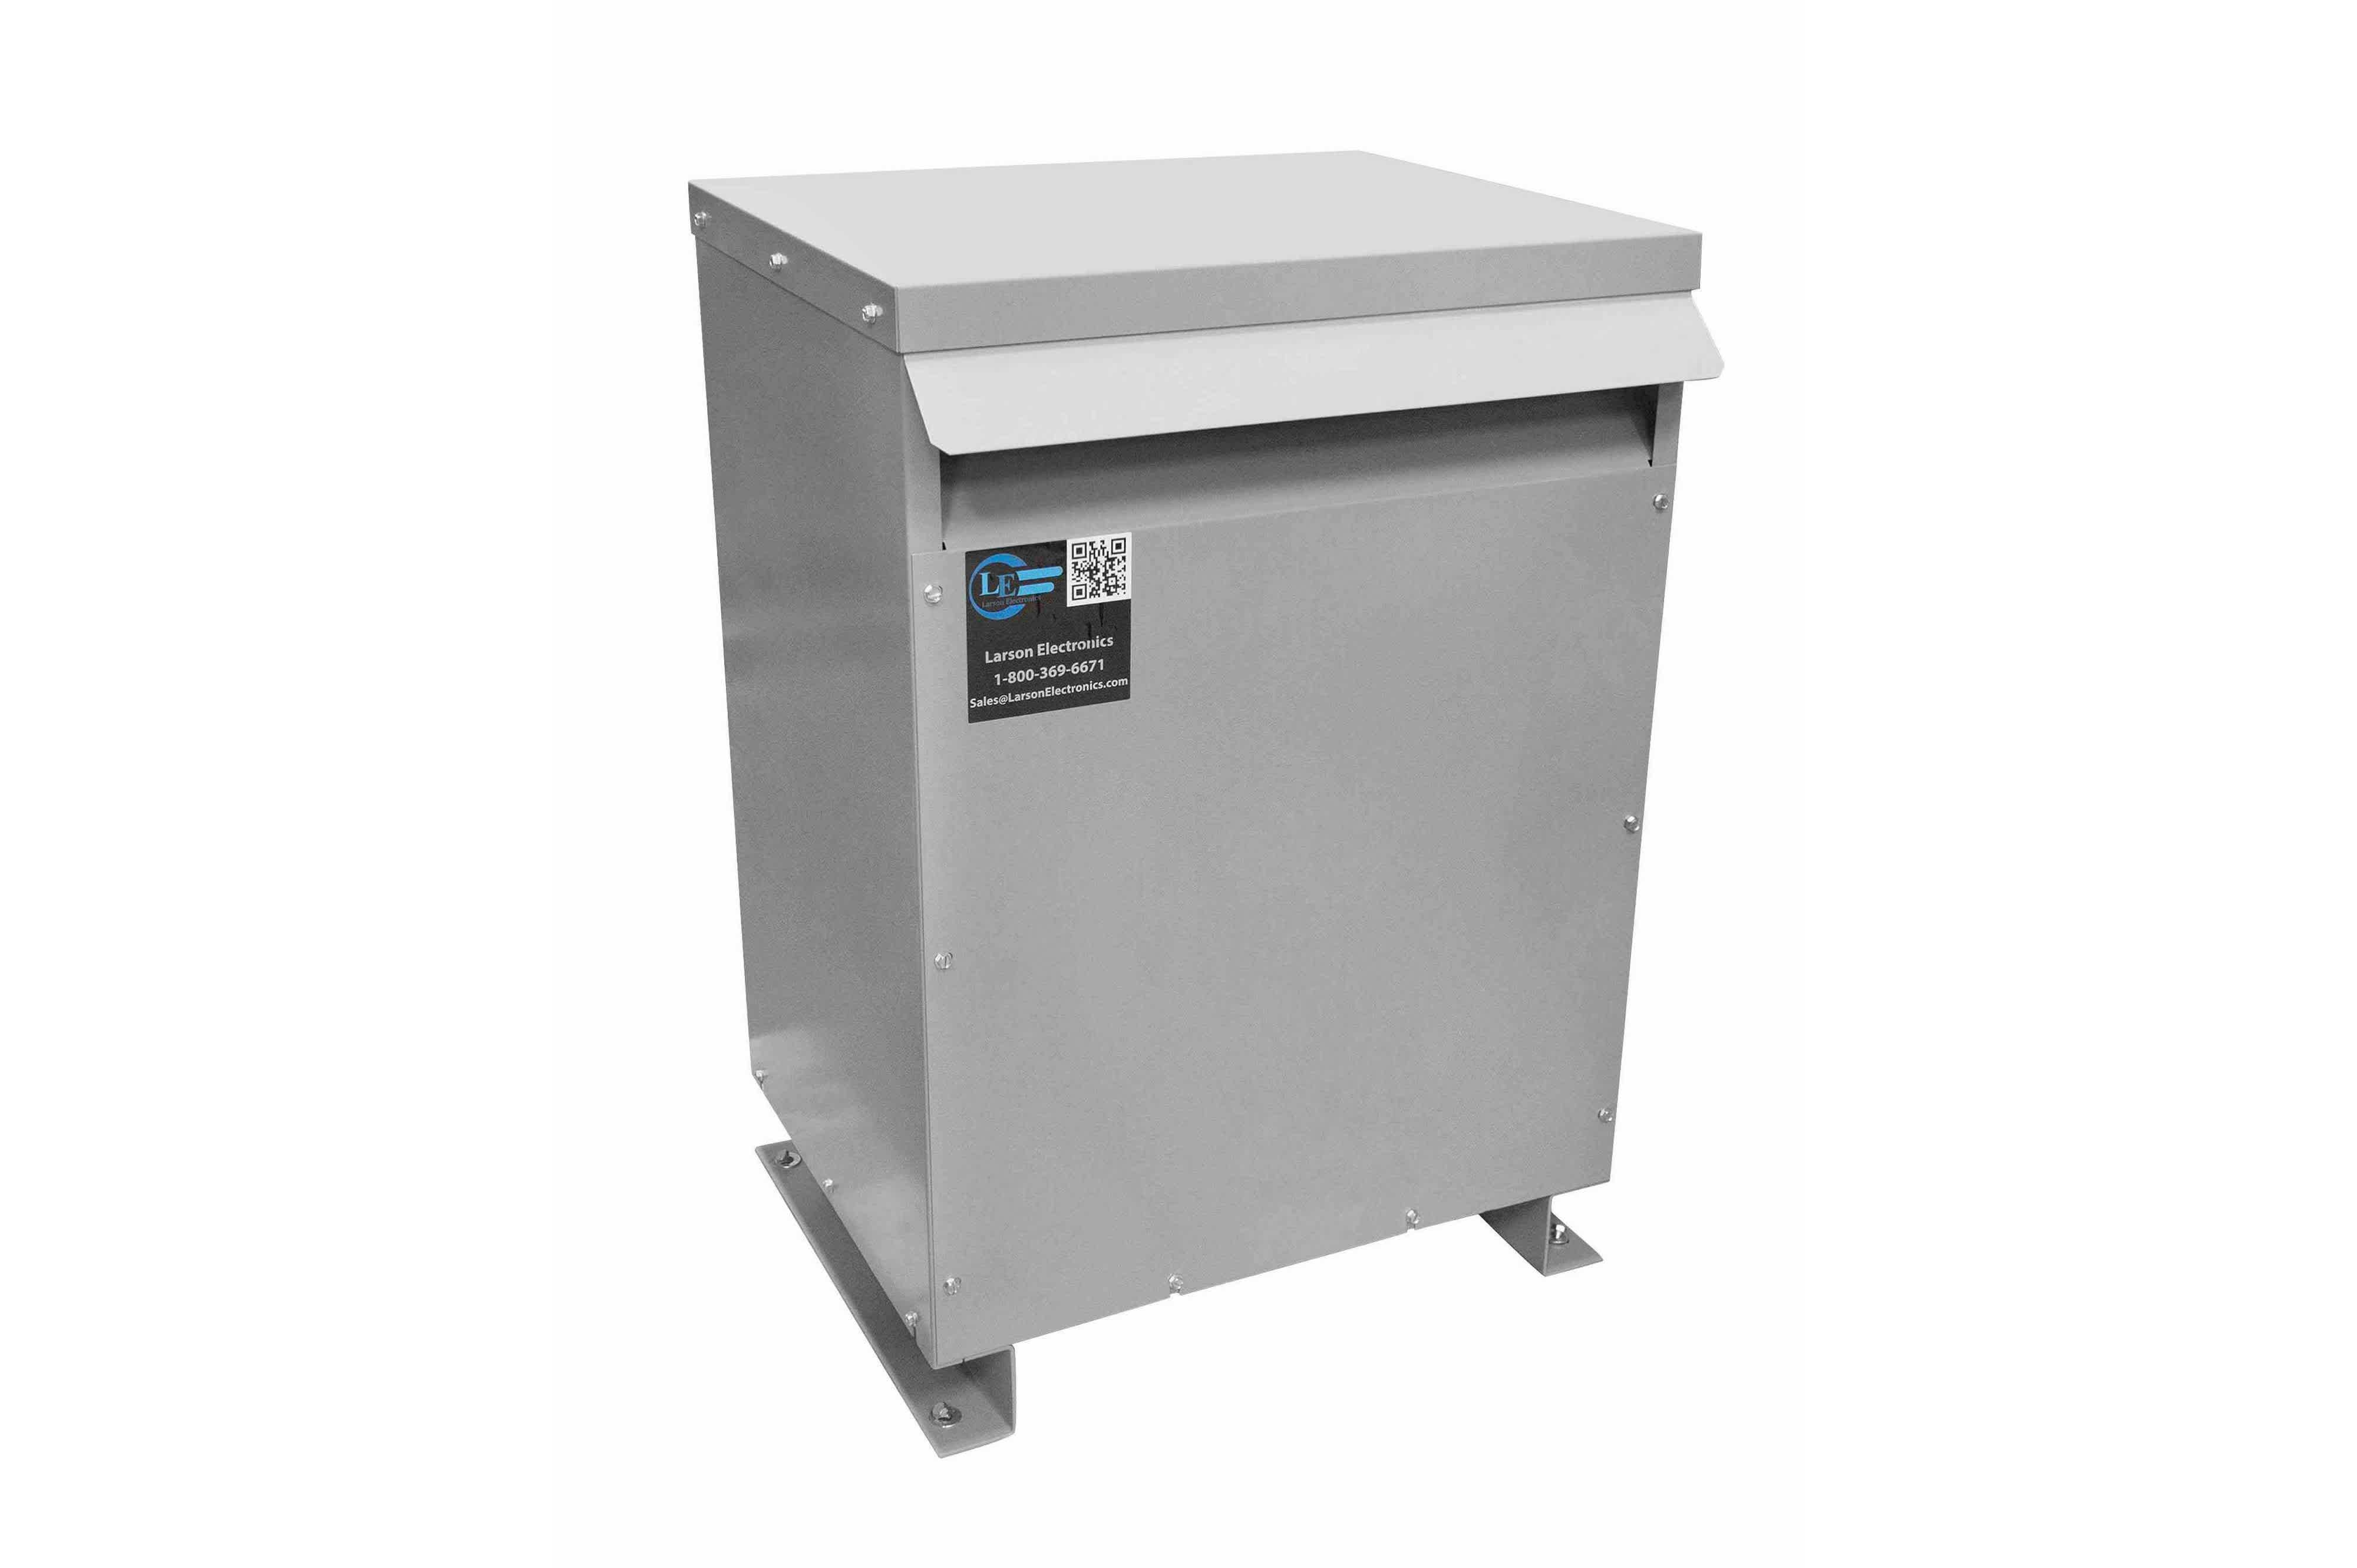 300 kVA 3PH DOE Transformer, 600V Delta Primary, 240V/120 Delta Secondary, N3R, Ventilated, 60 Hz